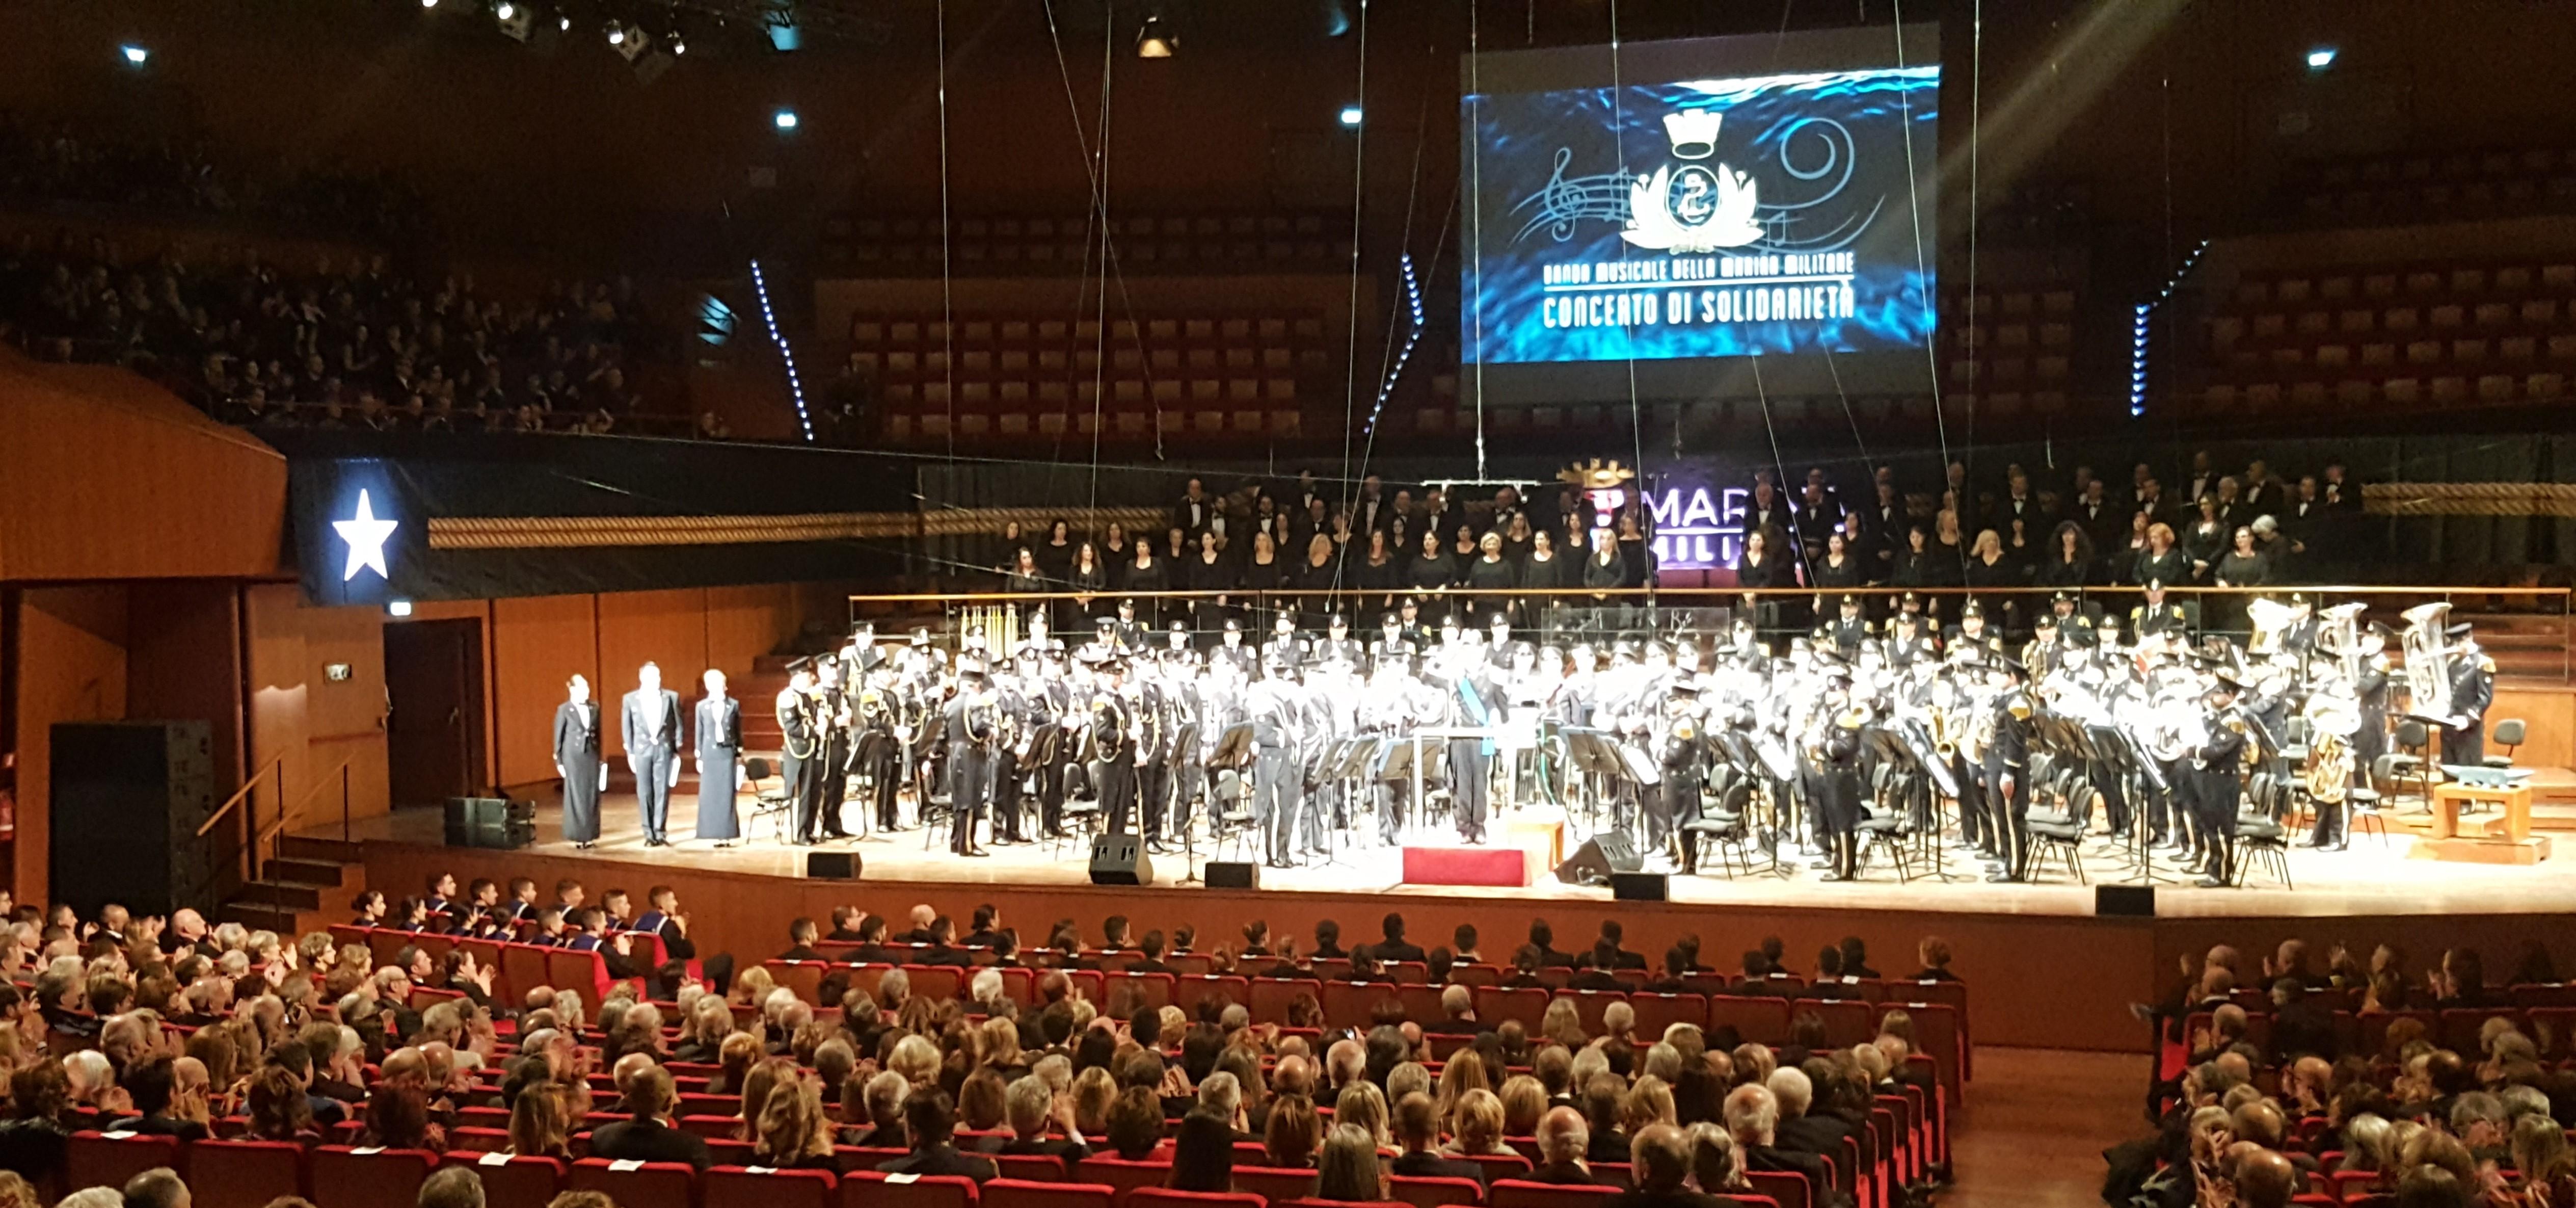 Calendario Marina Militare 2020.La Banda Musicale Della Marina Militare In Concerto Di